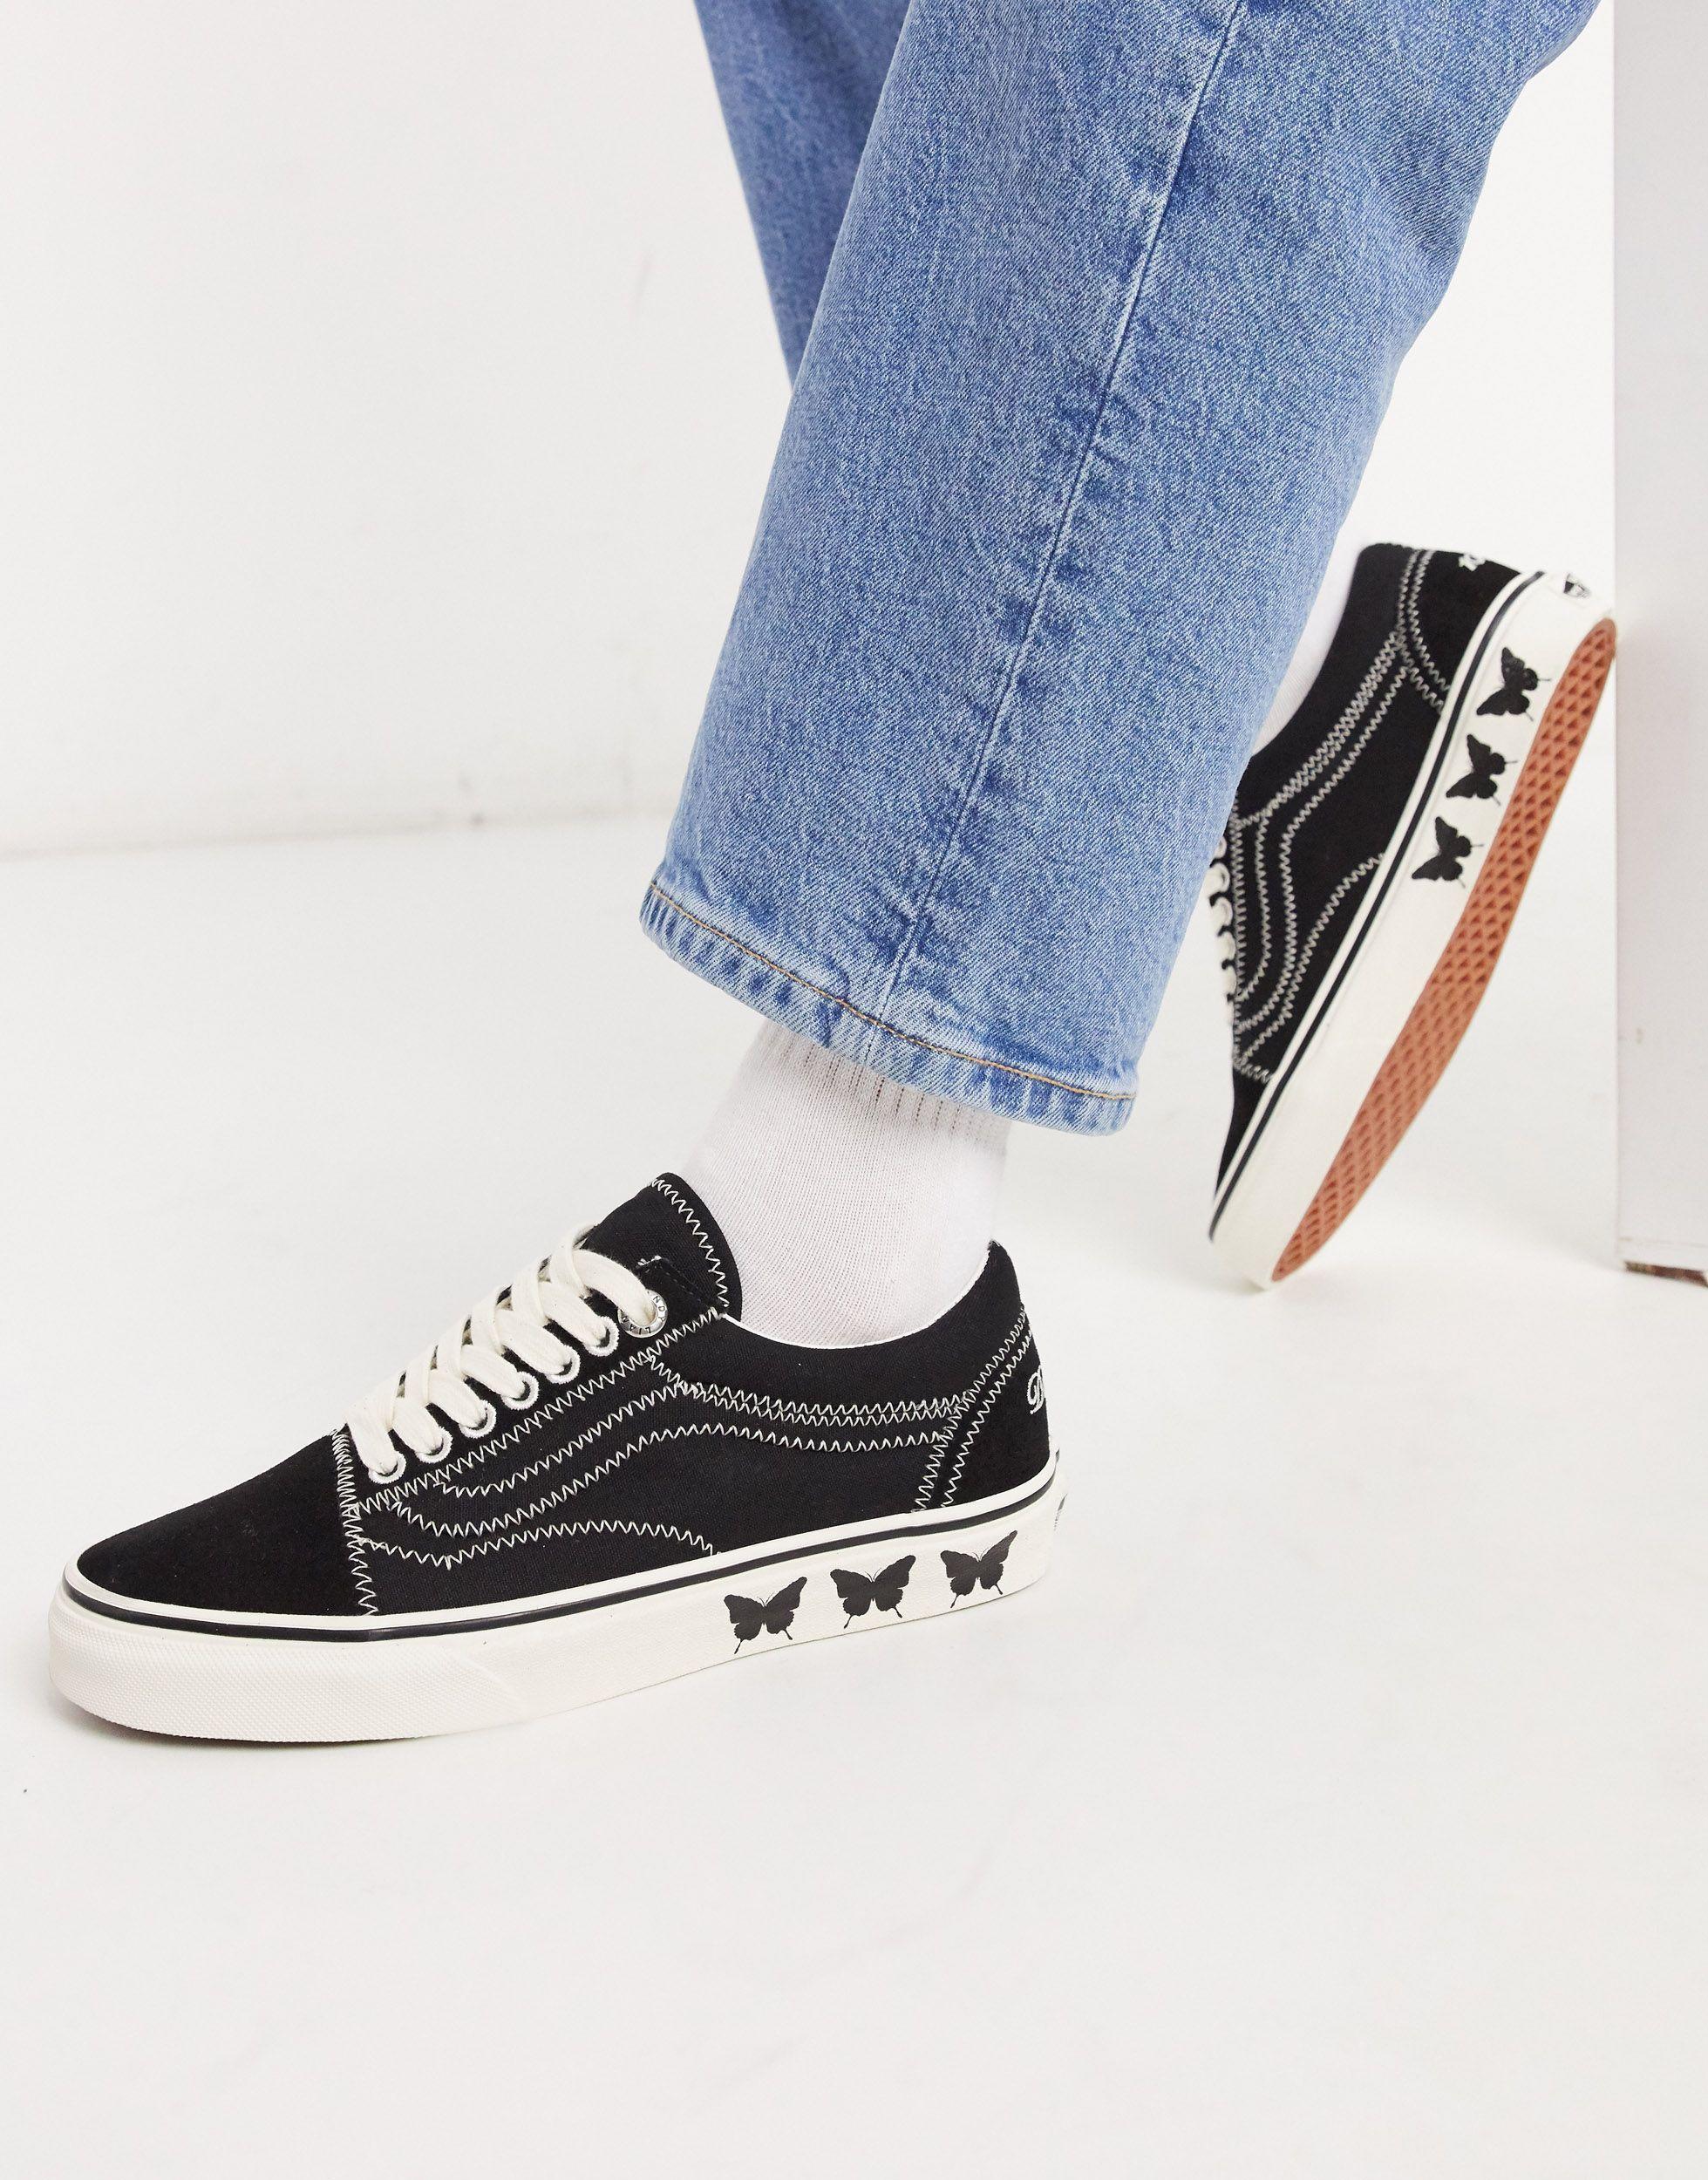 Chaussures X Sandy Liang Old Skool Vans en coloris Noir - Lyst